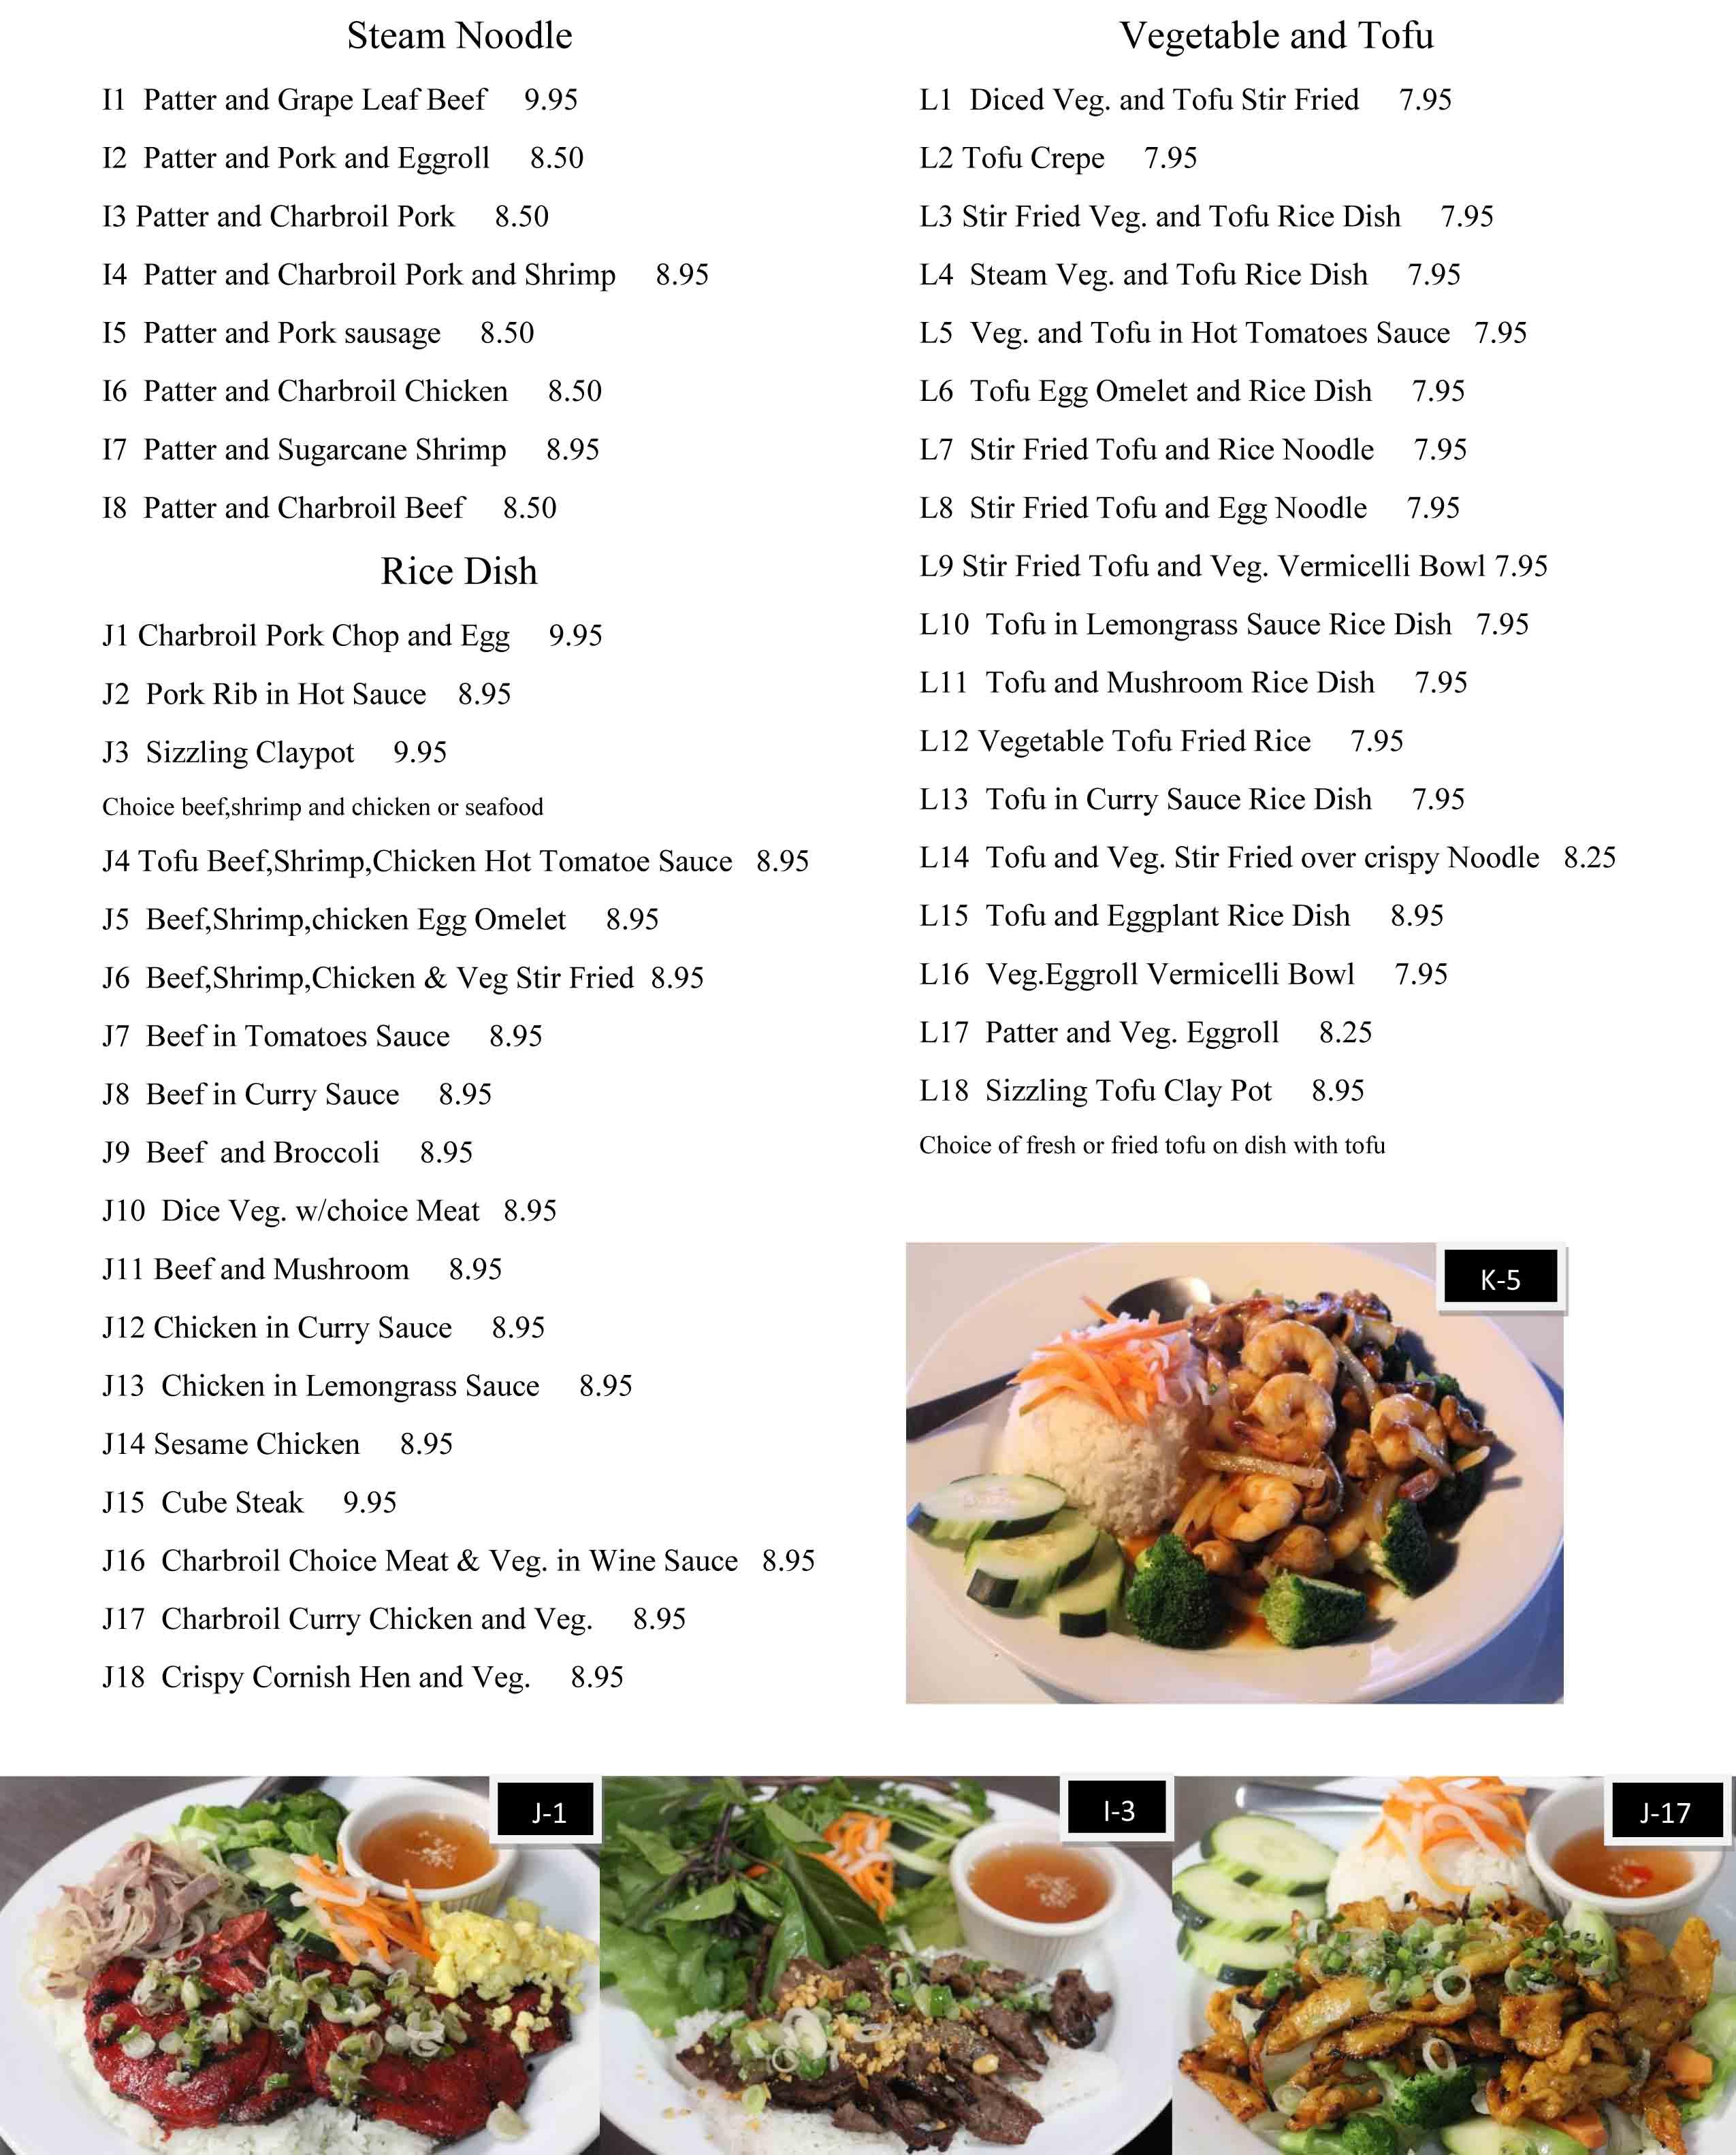 Dalat menu 2019-3